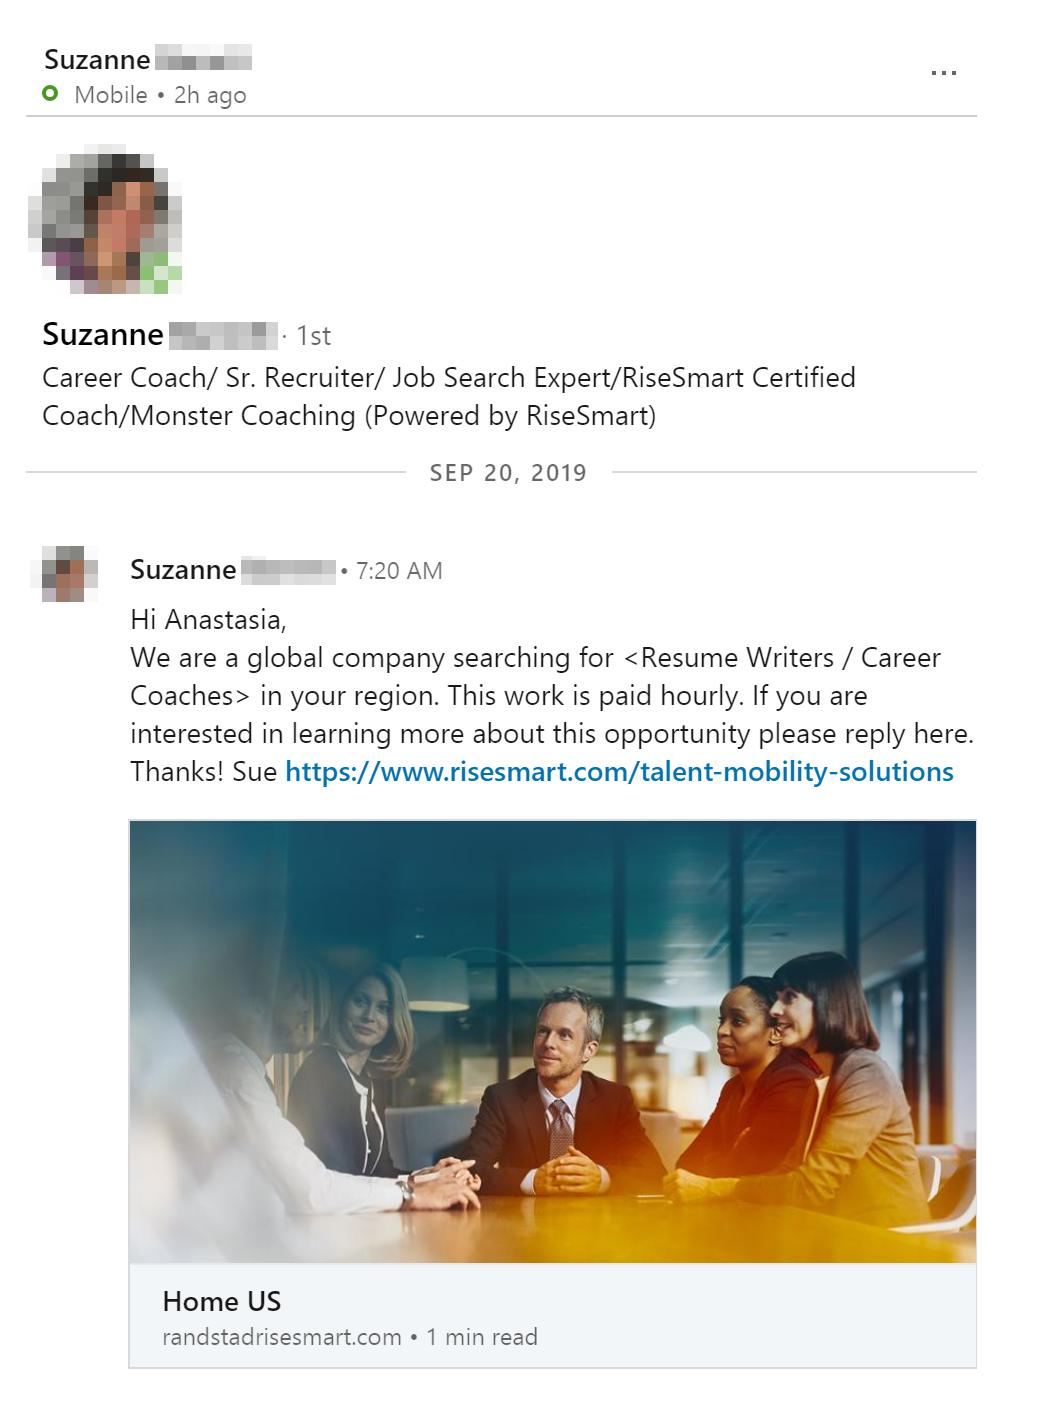 А это письмо от рекрутера RiseSmart — Сюзанн. Здесь, наоборот, много конкретики: понятно, что компания ищет карьерного коуча и резюме-райтера с почасовой оплатой. В первом же сообщении Сюзанн дала ссылку с рассказом о том, чем они занимаются, каких людей ищут и как строится работа